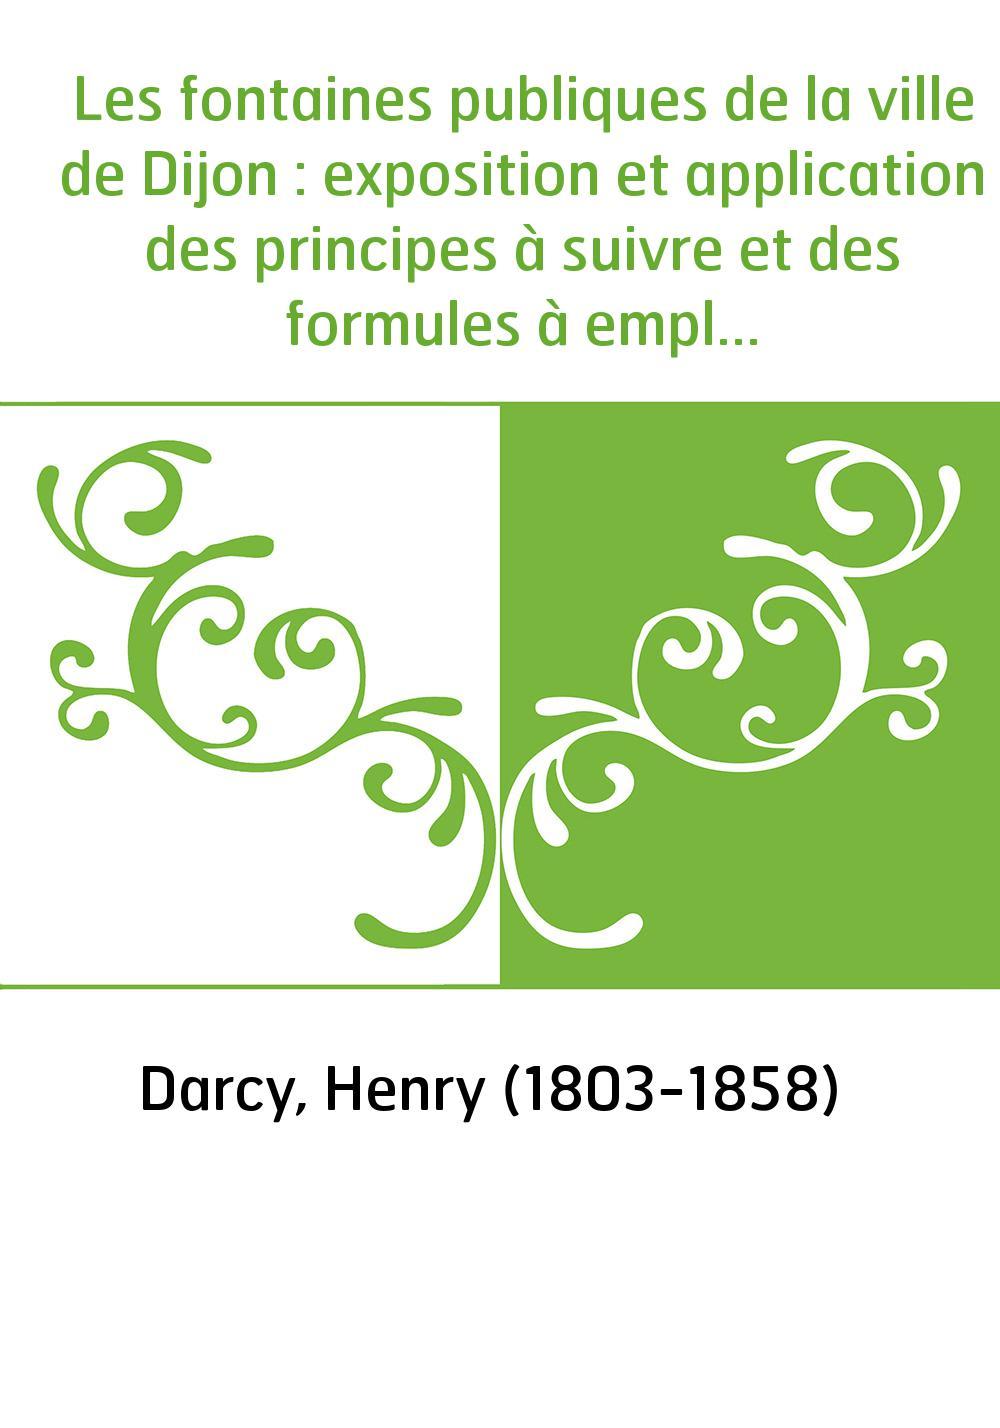 Les fontaines publiques de la ville de Dijon : exposition et application des principes à suivre et des formules à employer dans